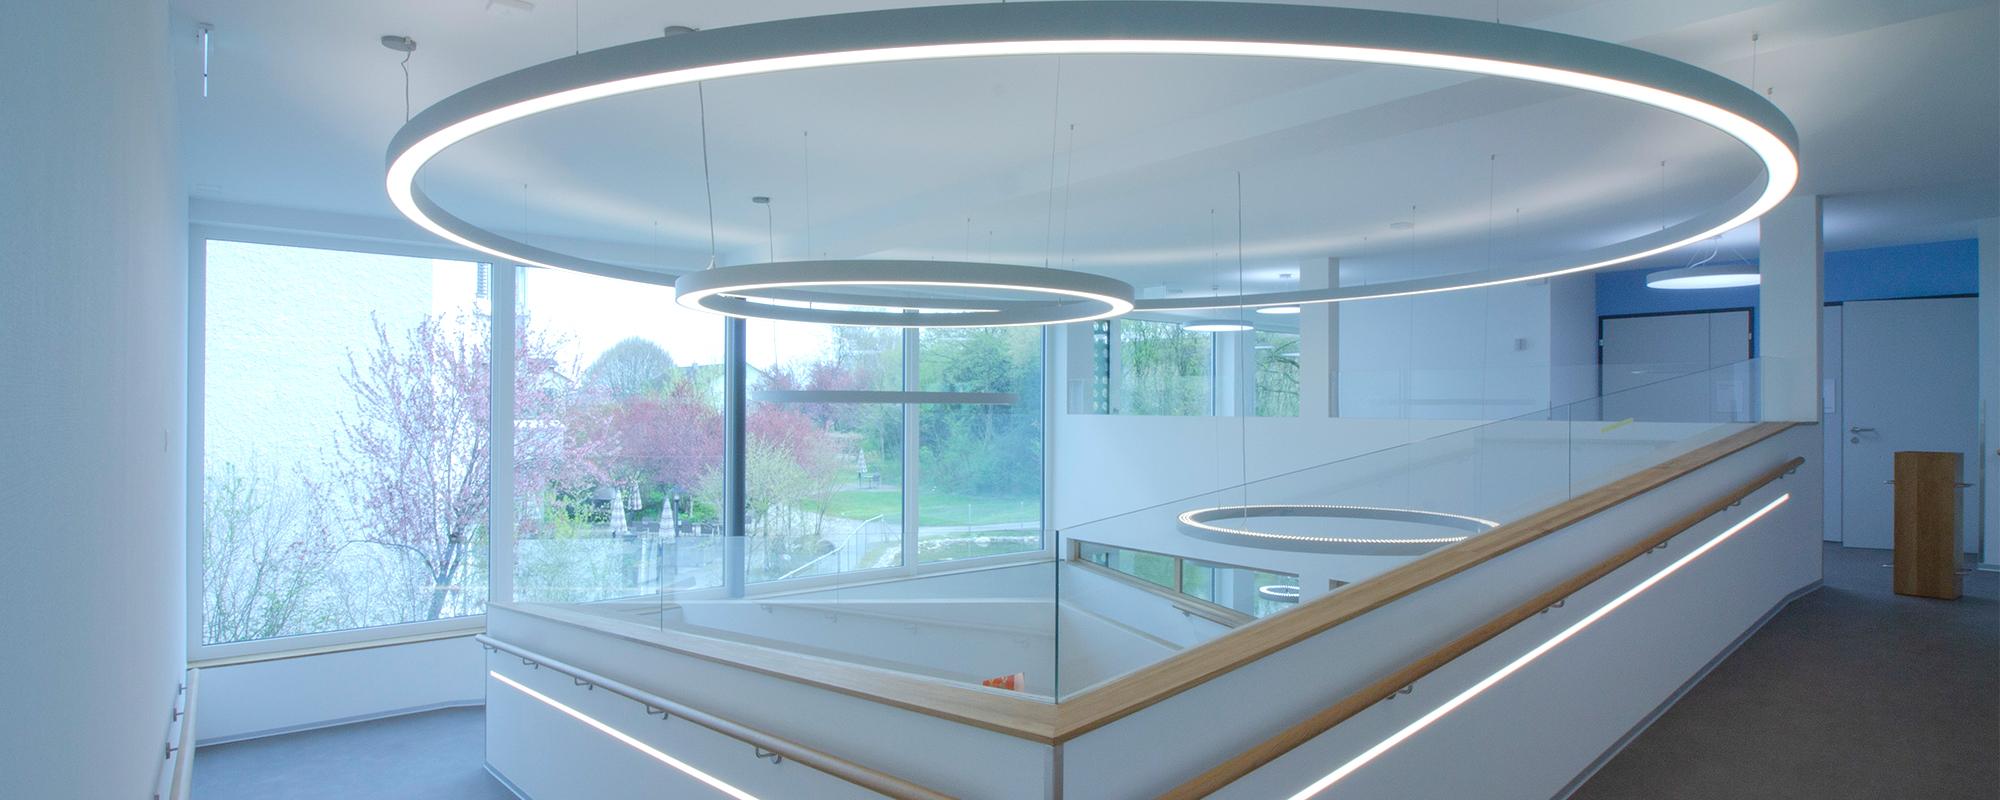 Haus-am-Teich-Bild1-2000x800px